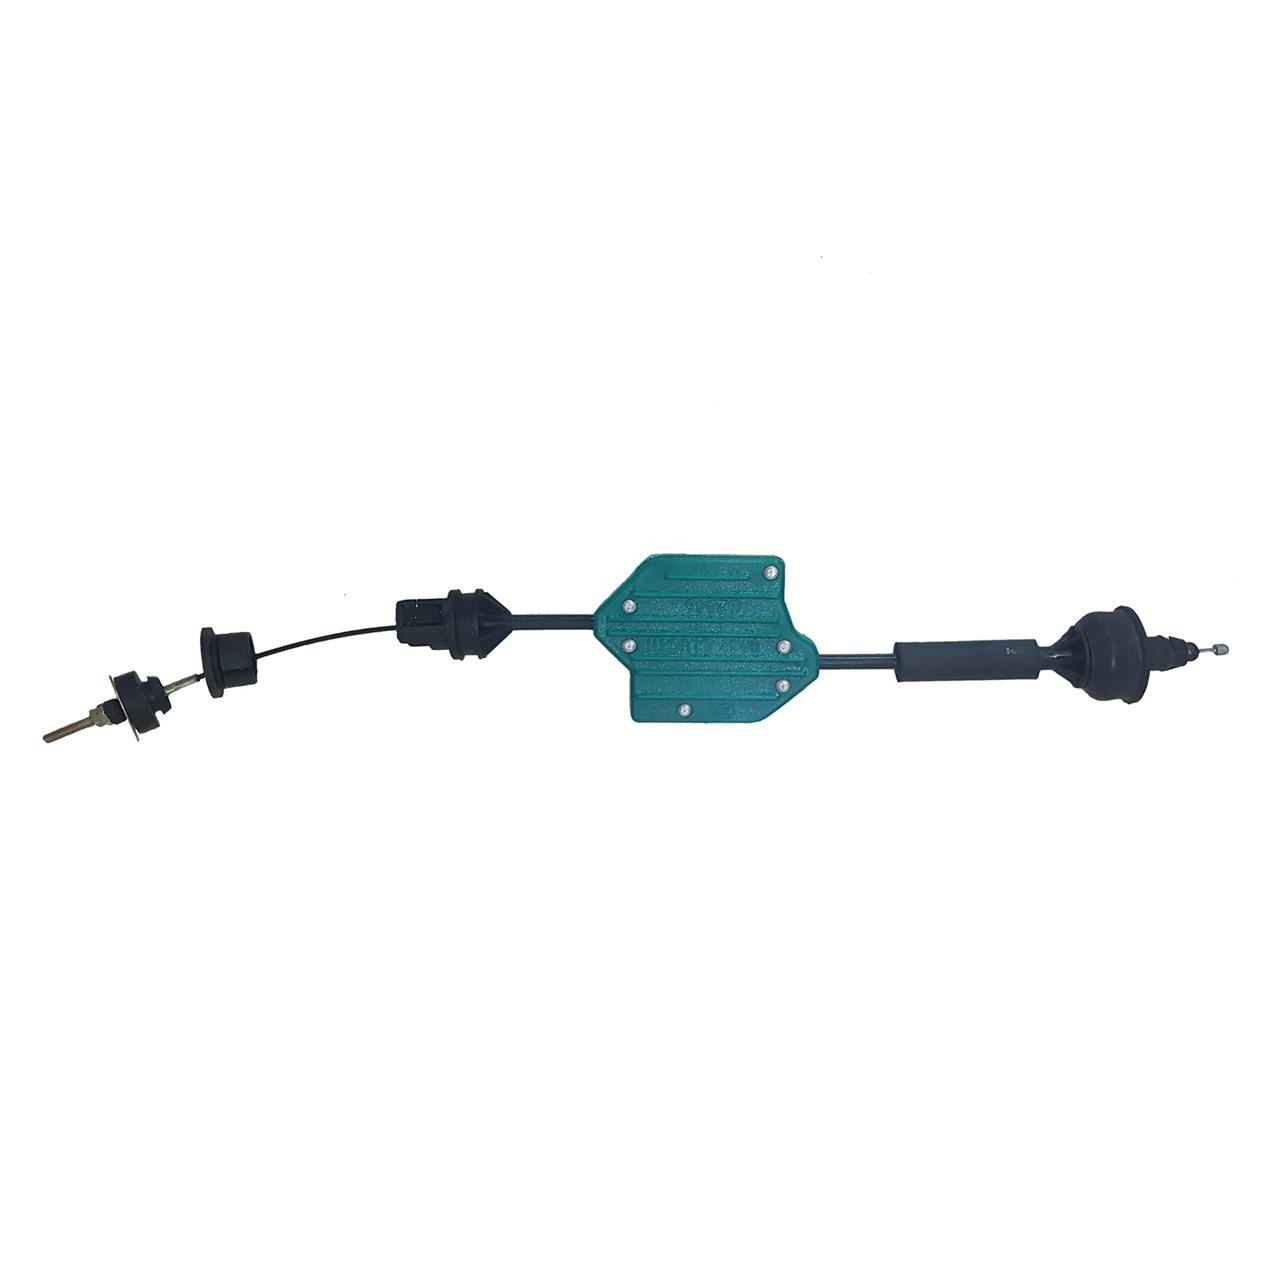 نرم کننده کلاچ کد 18 مناسب برای خودرو رنو ساندرو